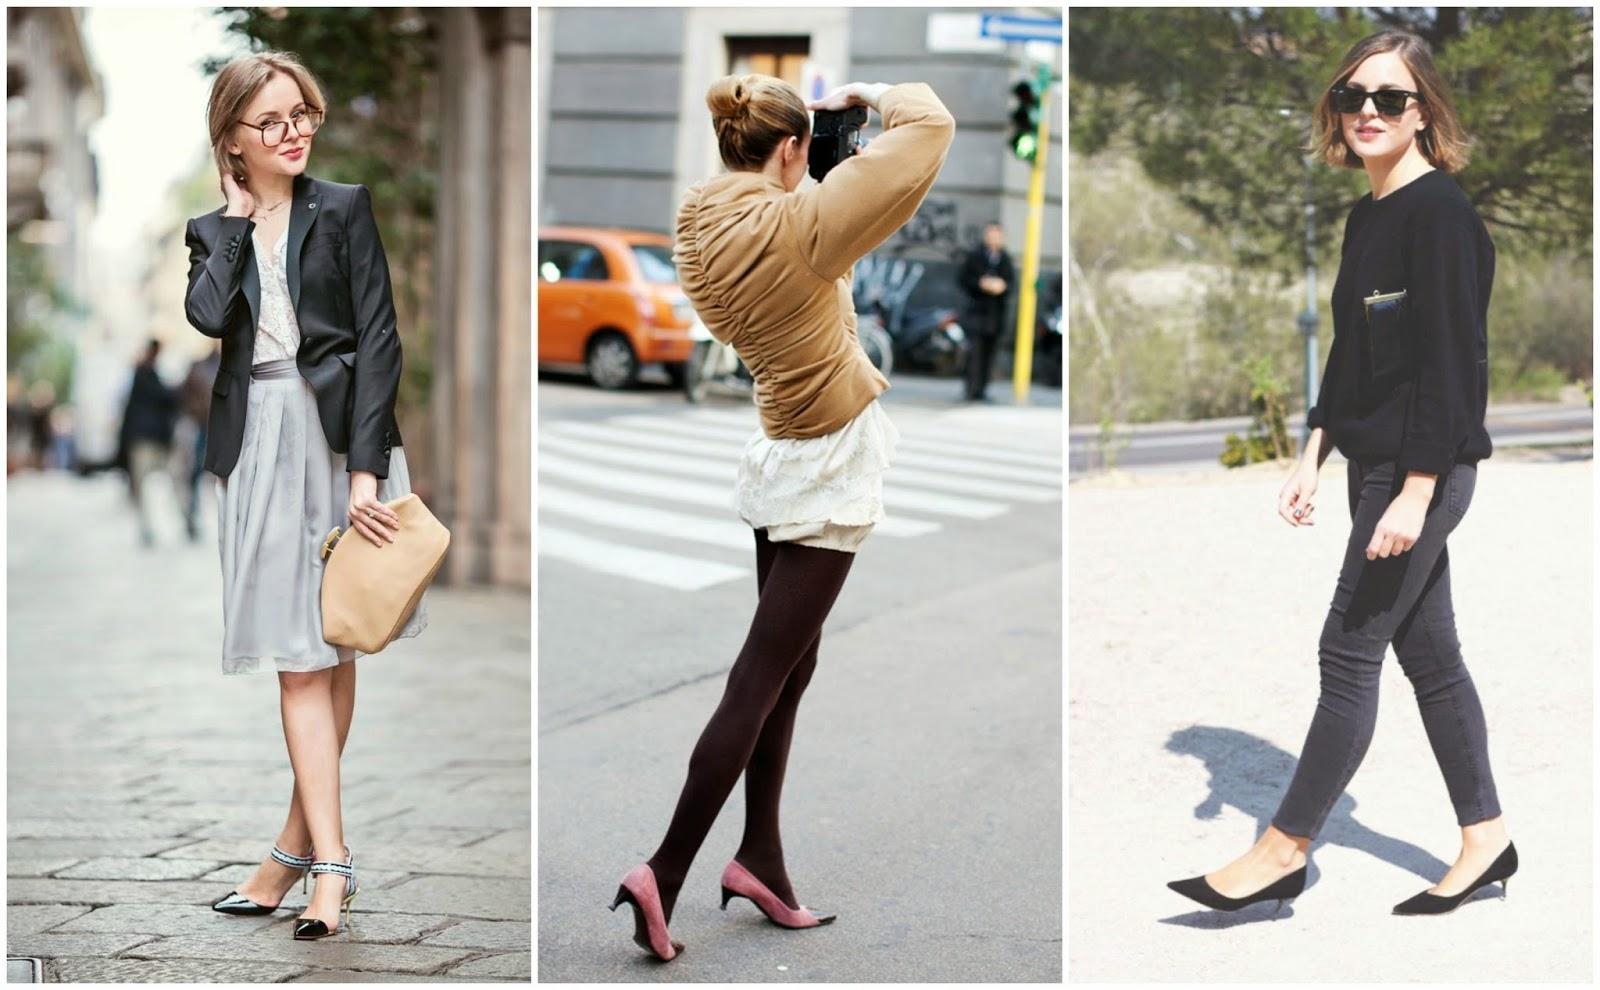 Vestidos de fiesta con zapatos bajos